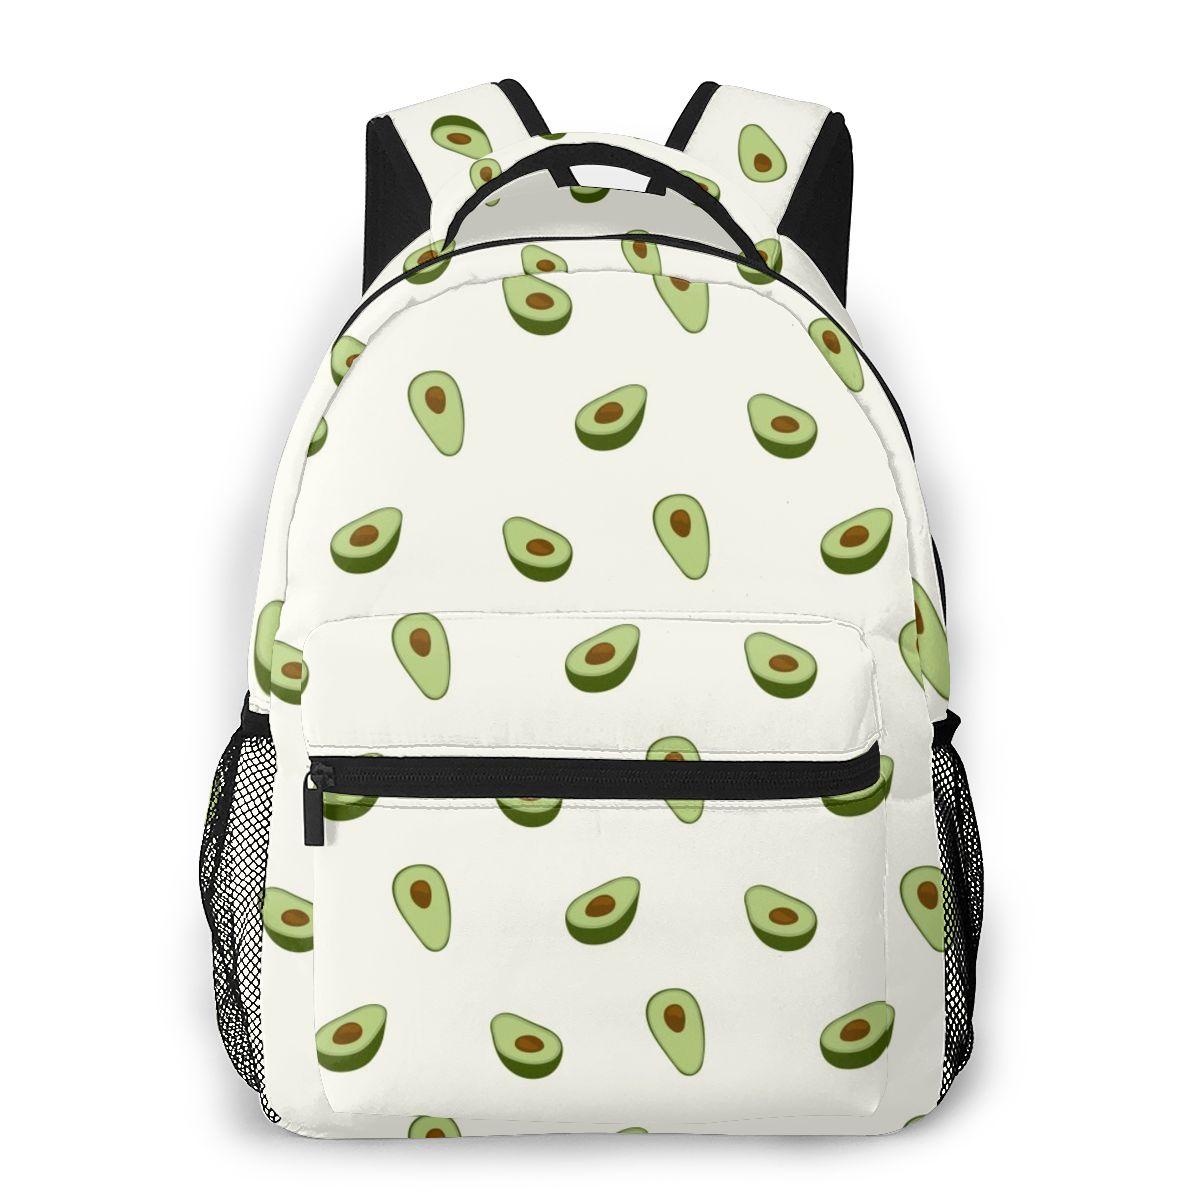 حقيبة كتف عصرية للنساء ، حقيبة مدرسية للمراهقين والأطفال ، حقيبة سفر بنمط الأفوكادو ، 2021